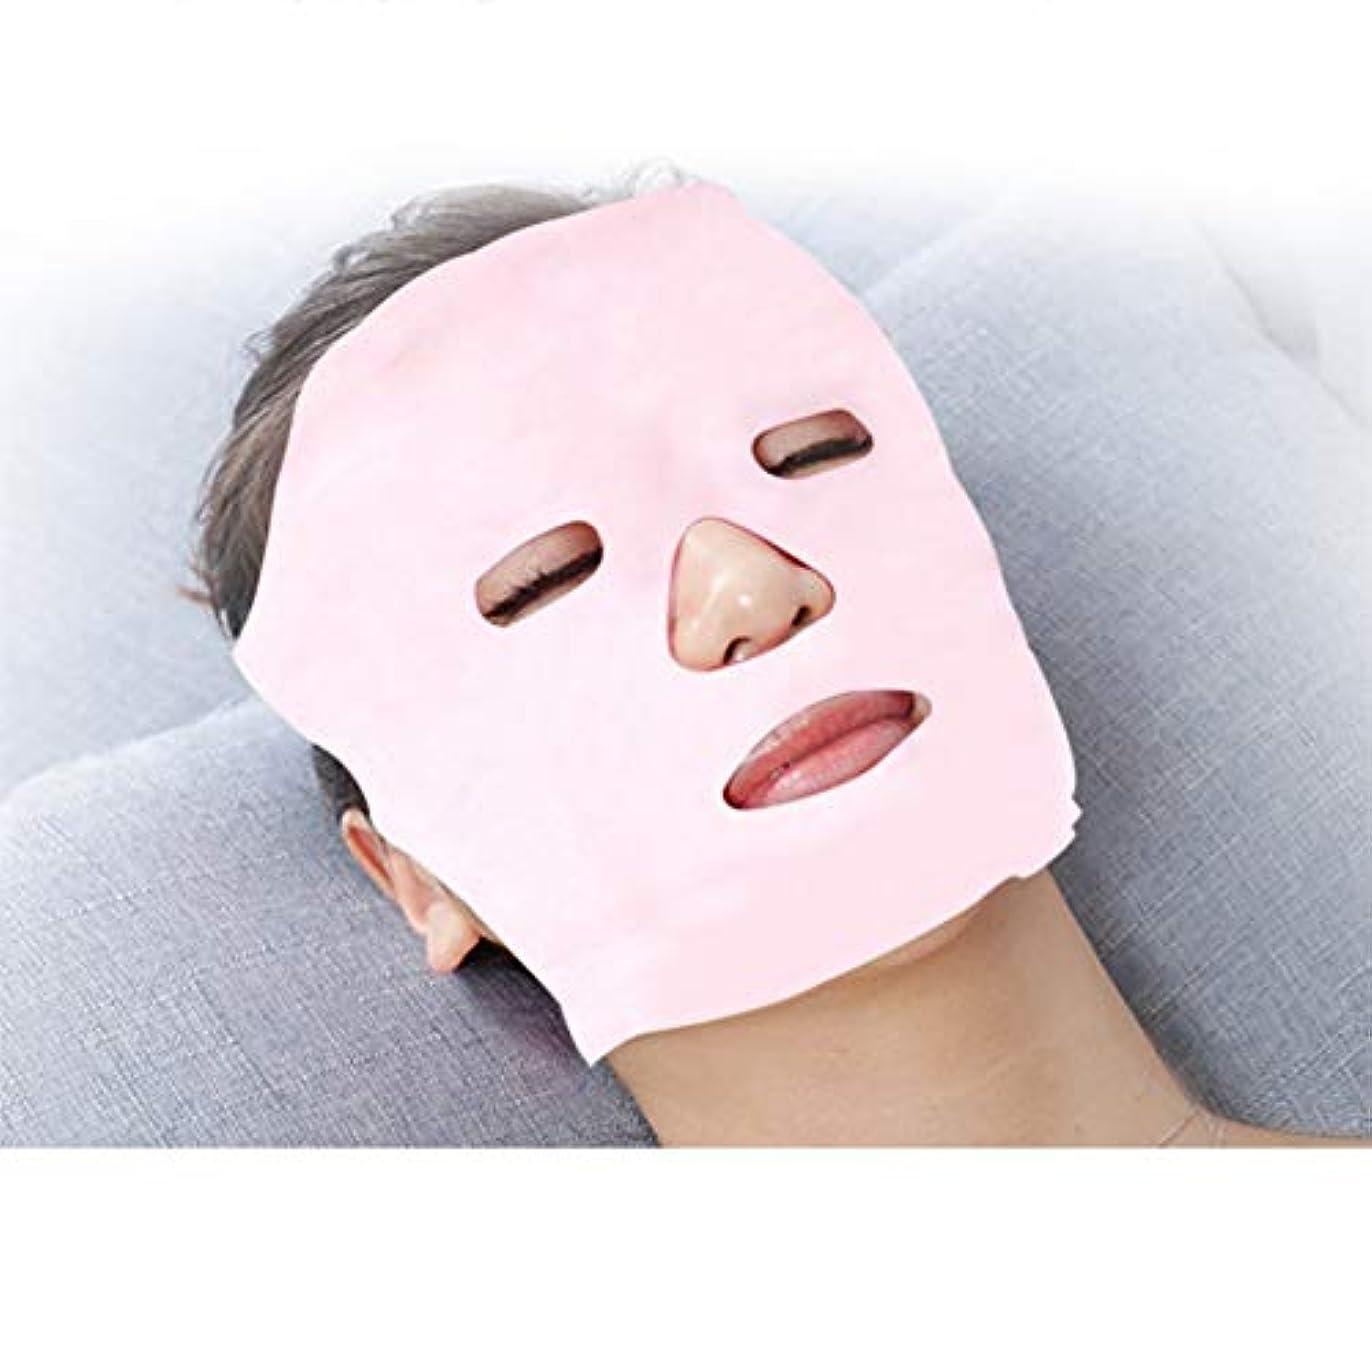 キャベツ文法エクステントトルマリンジェル マグネットマスク マッサージマスク 颜美容 フェイスマスク 薄い顔 肤色を明るく ヘルスケアマスク 磁気 ェイスポーチ Cutelove